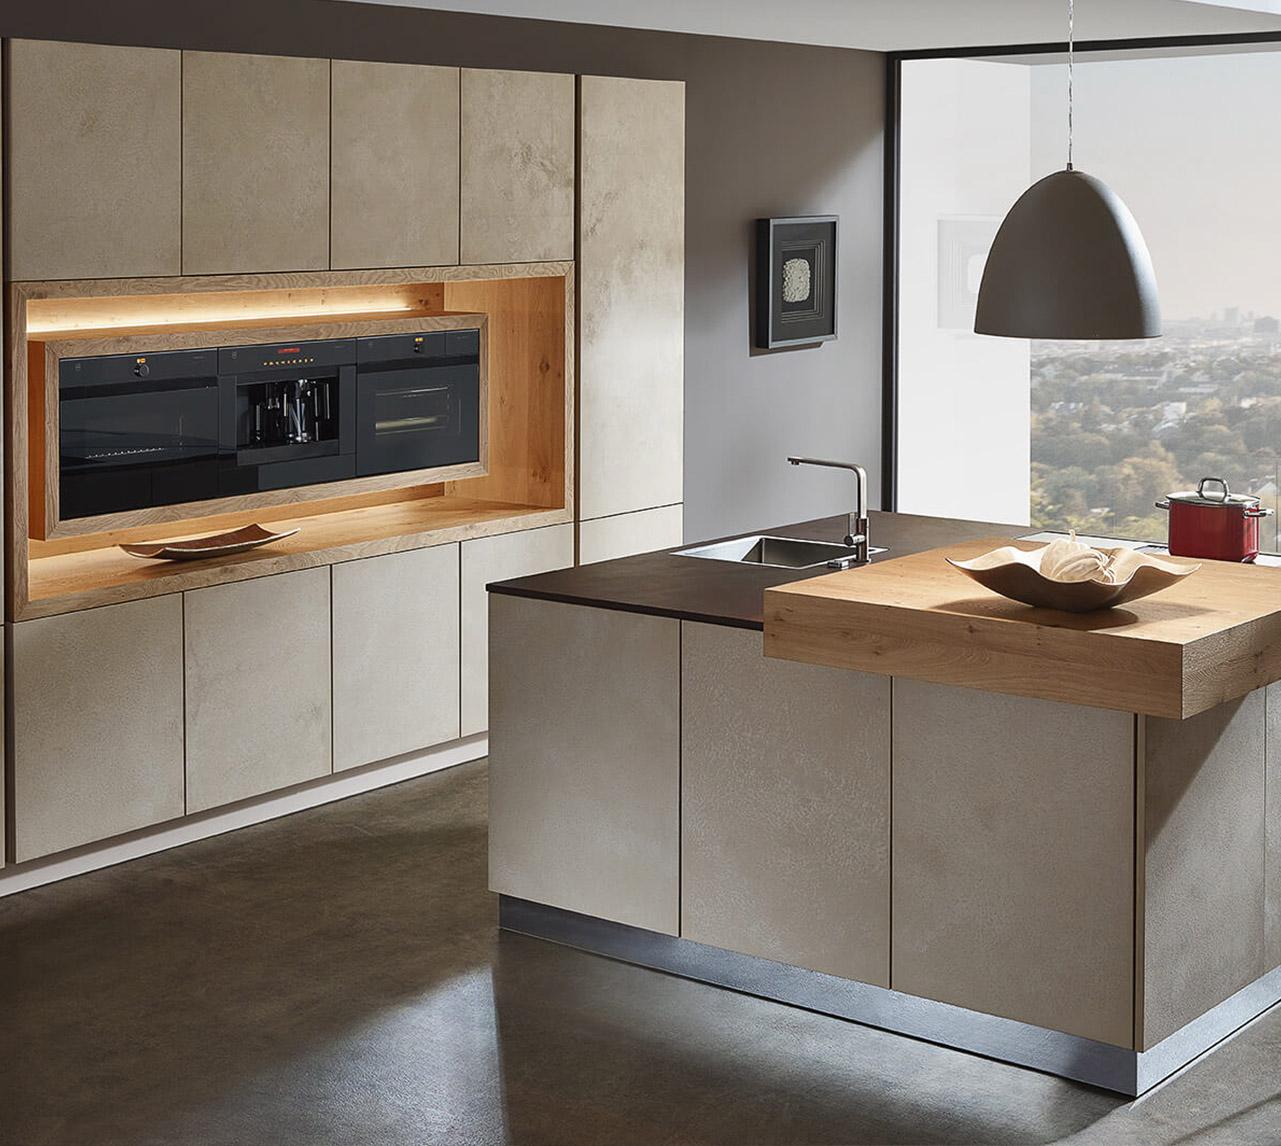 Küchen in I-Form – die Küchenzeile  xanocs.com